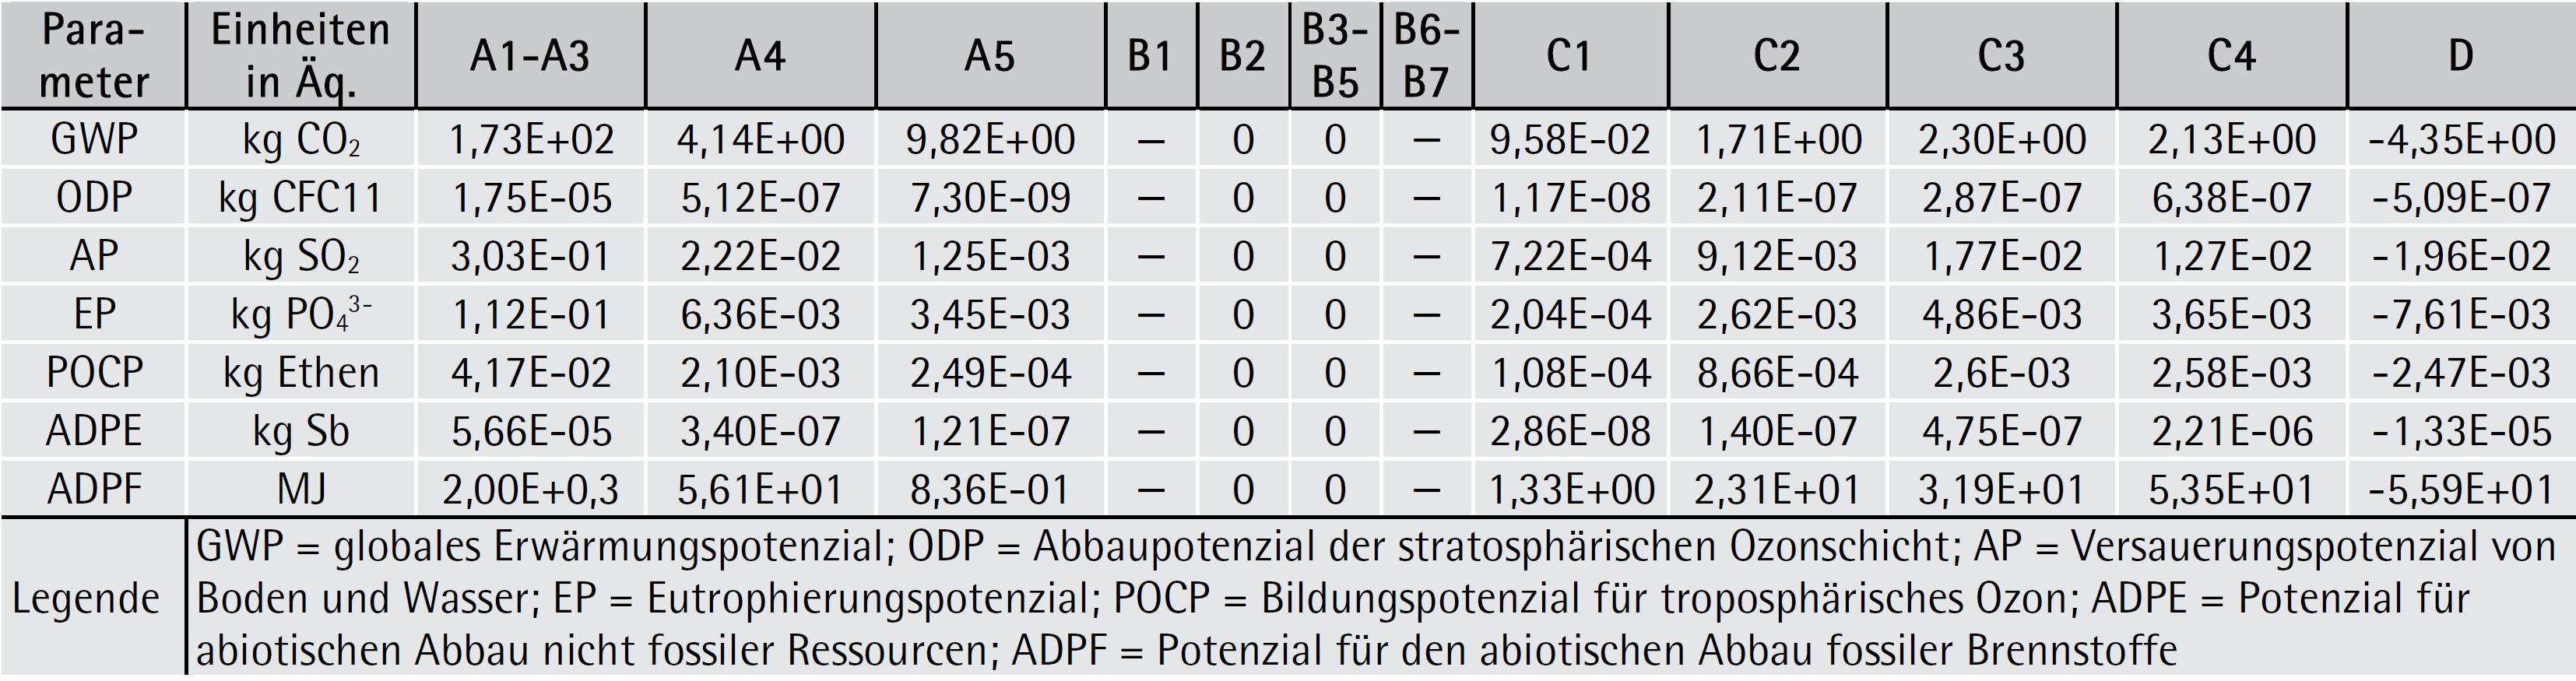 Deklaration der Umweltindikatoren: Parameter zur Beschreibung der Wirkungsabschätzung für 1 Tonne produzierte geschützte Mauer- und Deckenziegel